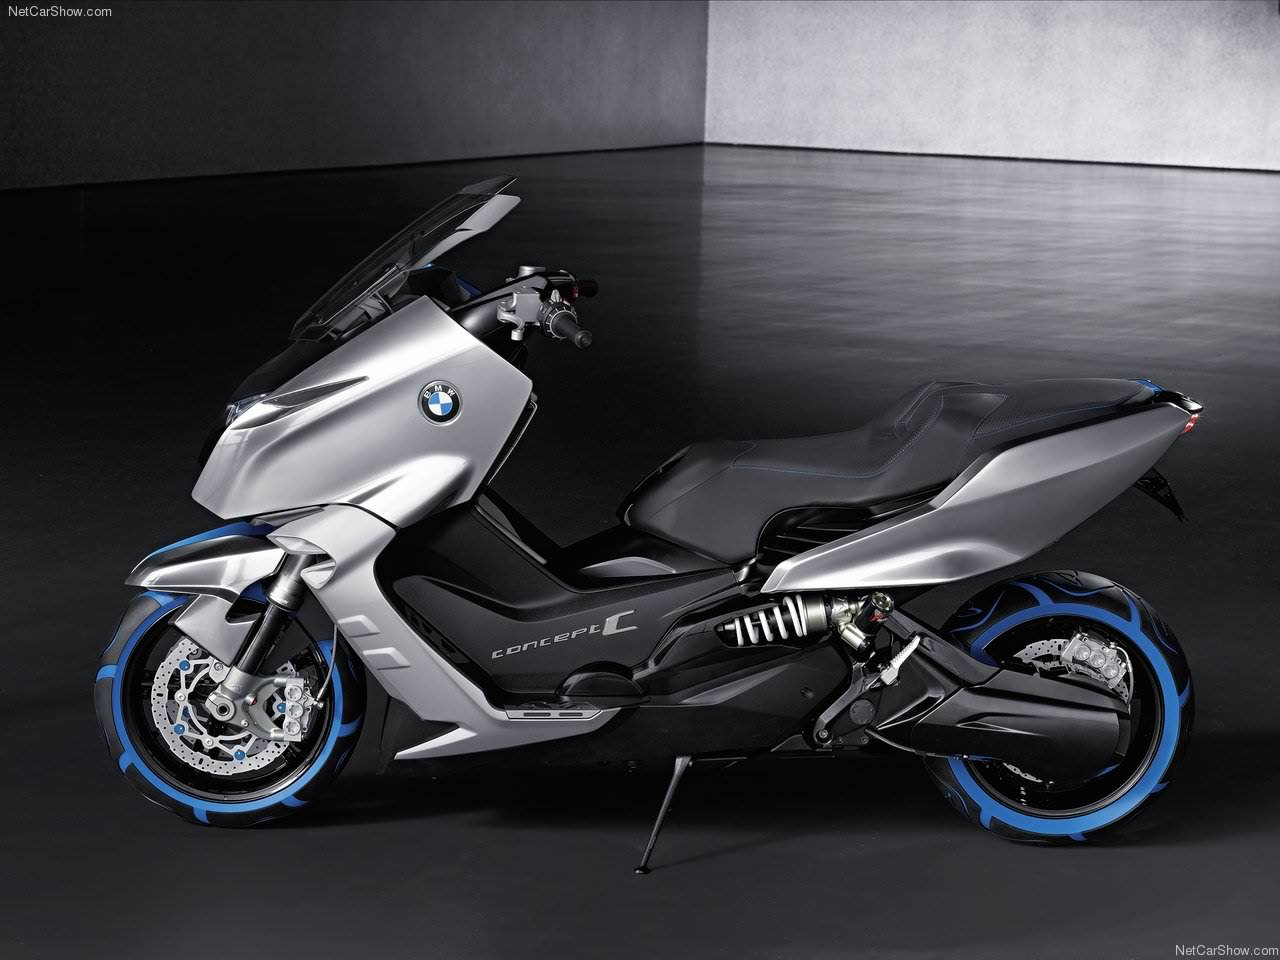 http://1.bp.blogspot.com/_lsyt_wQ2awY/TNAtt5SPKII/AAAAAAACG0I/PF8A9vbFveU/s1600/BMW-Scooter_C_Concept_2010_1280x960_wallpaper_08.jpg